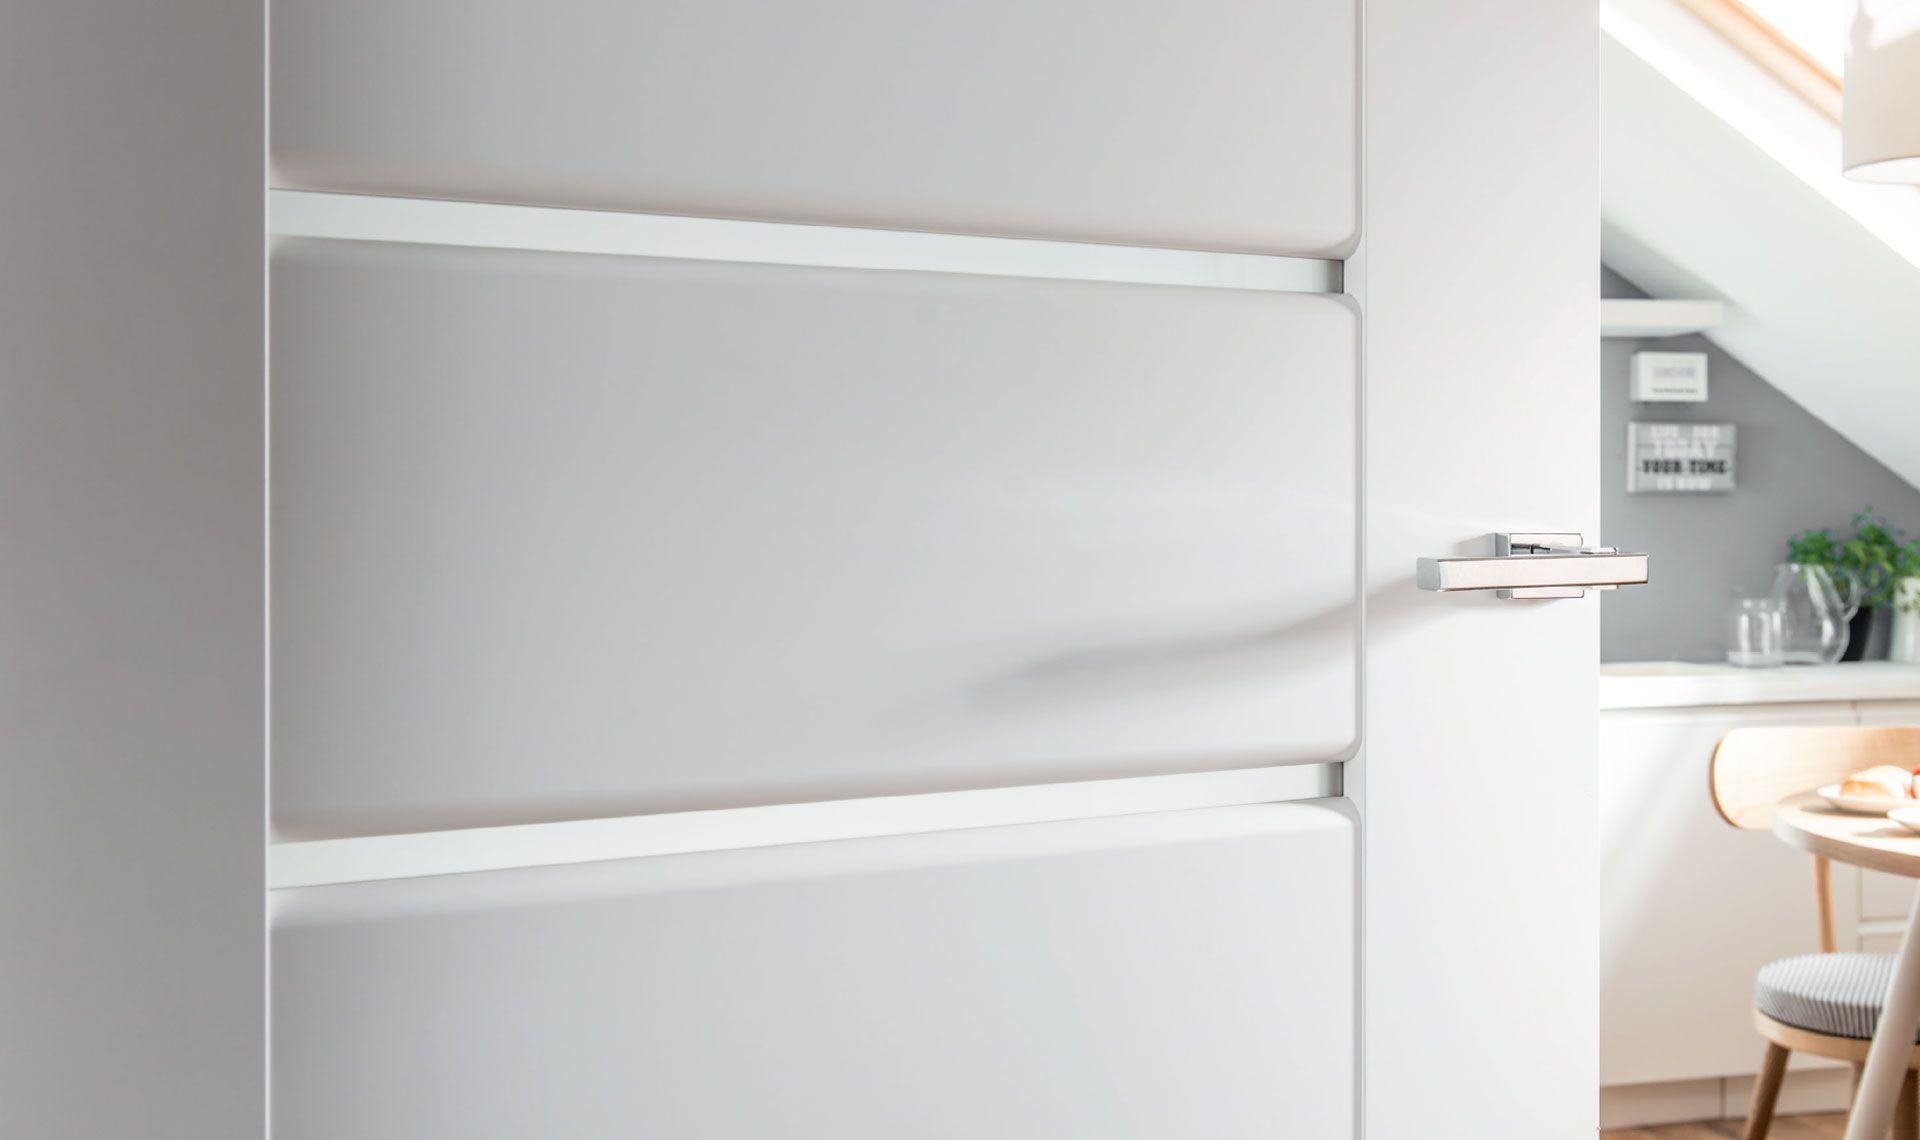 Skrzydlo Drzwiowe Vox Inovo 5 Wnetrza Vox Decor Home Decor Storage